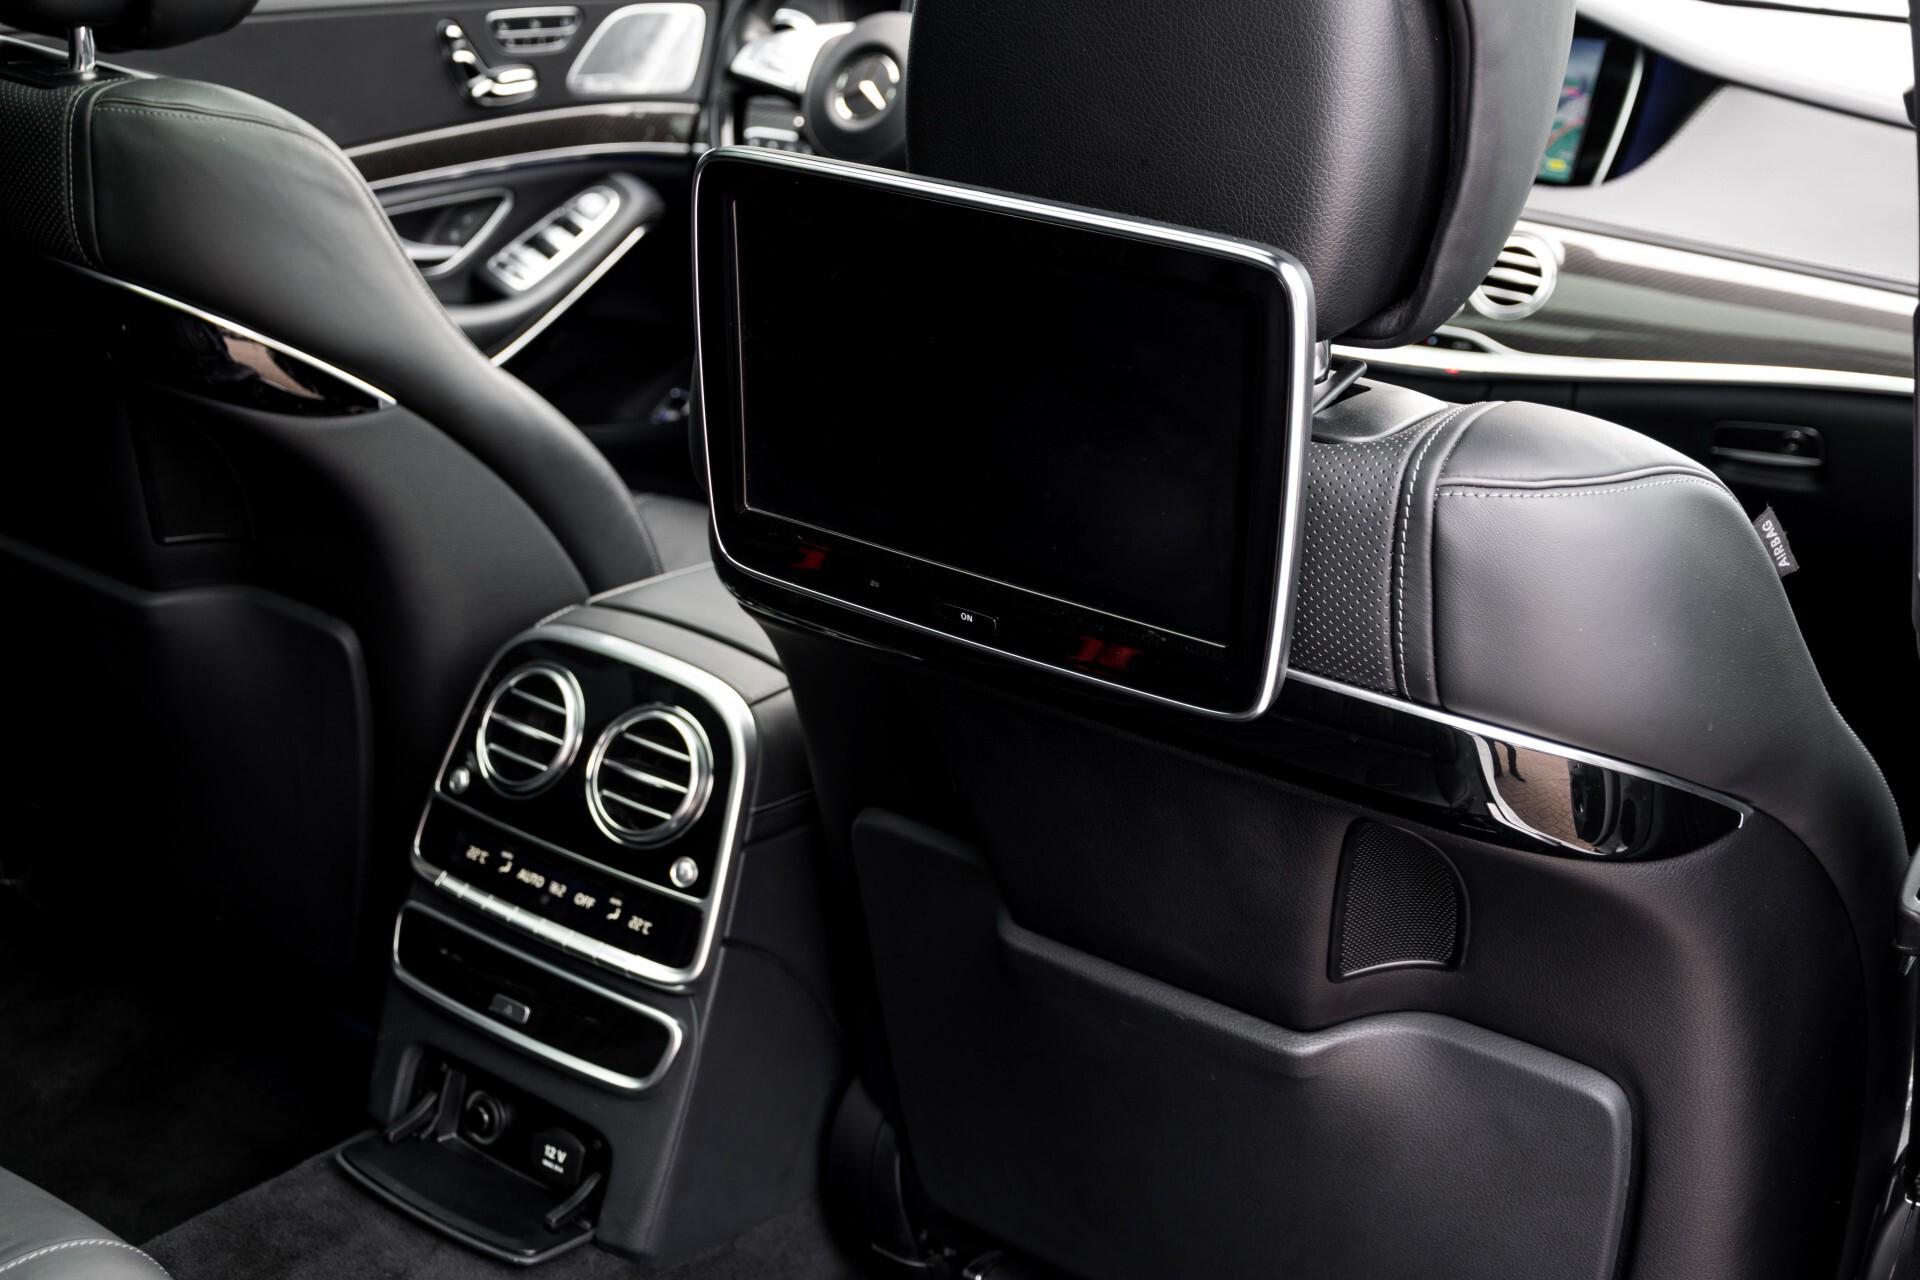 Mercedes-Benz S-Klasse 350 Bluetec Lang 4-M AMG Plus Carbon/Burmester 3D/Standkachel/4xMassage/Entertainment Aut7 Foto 68